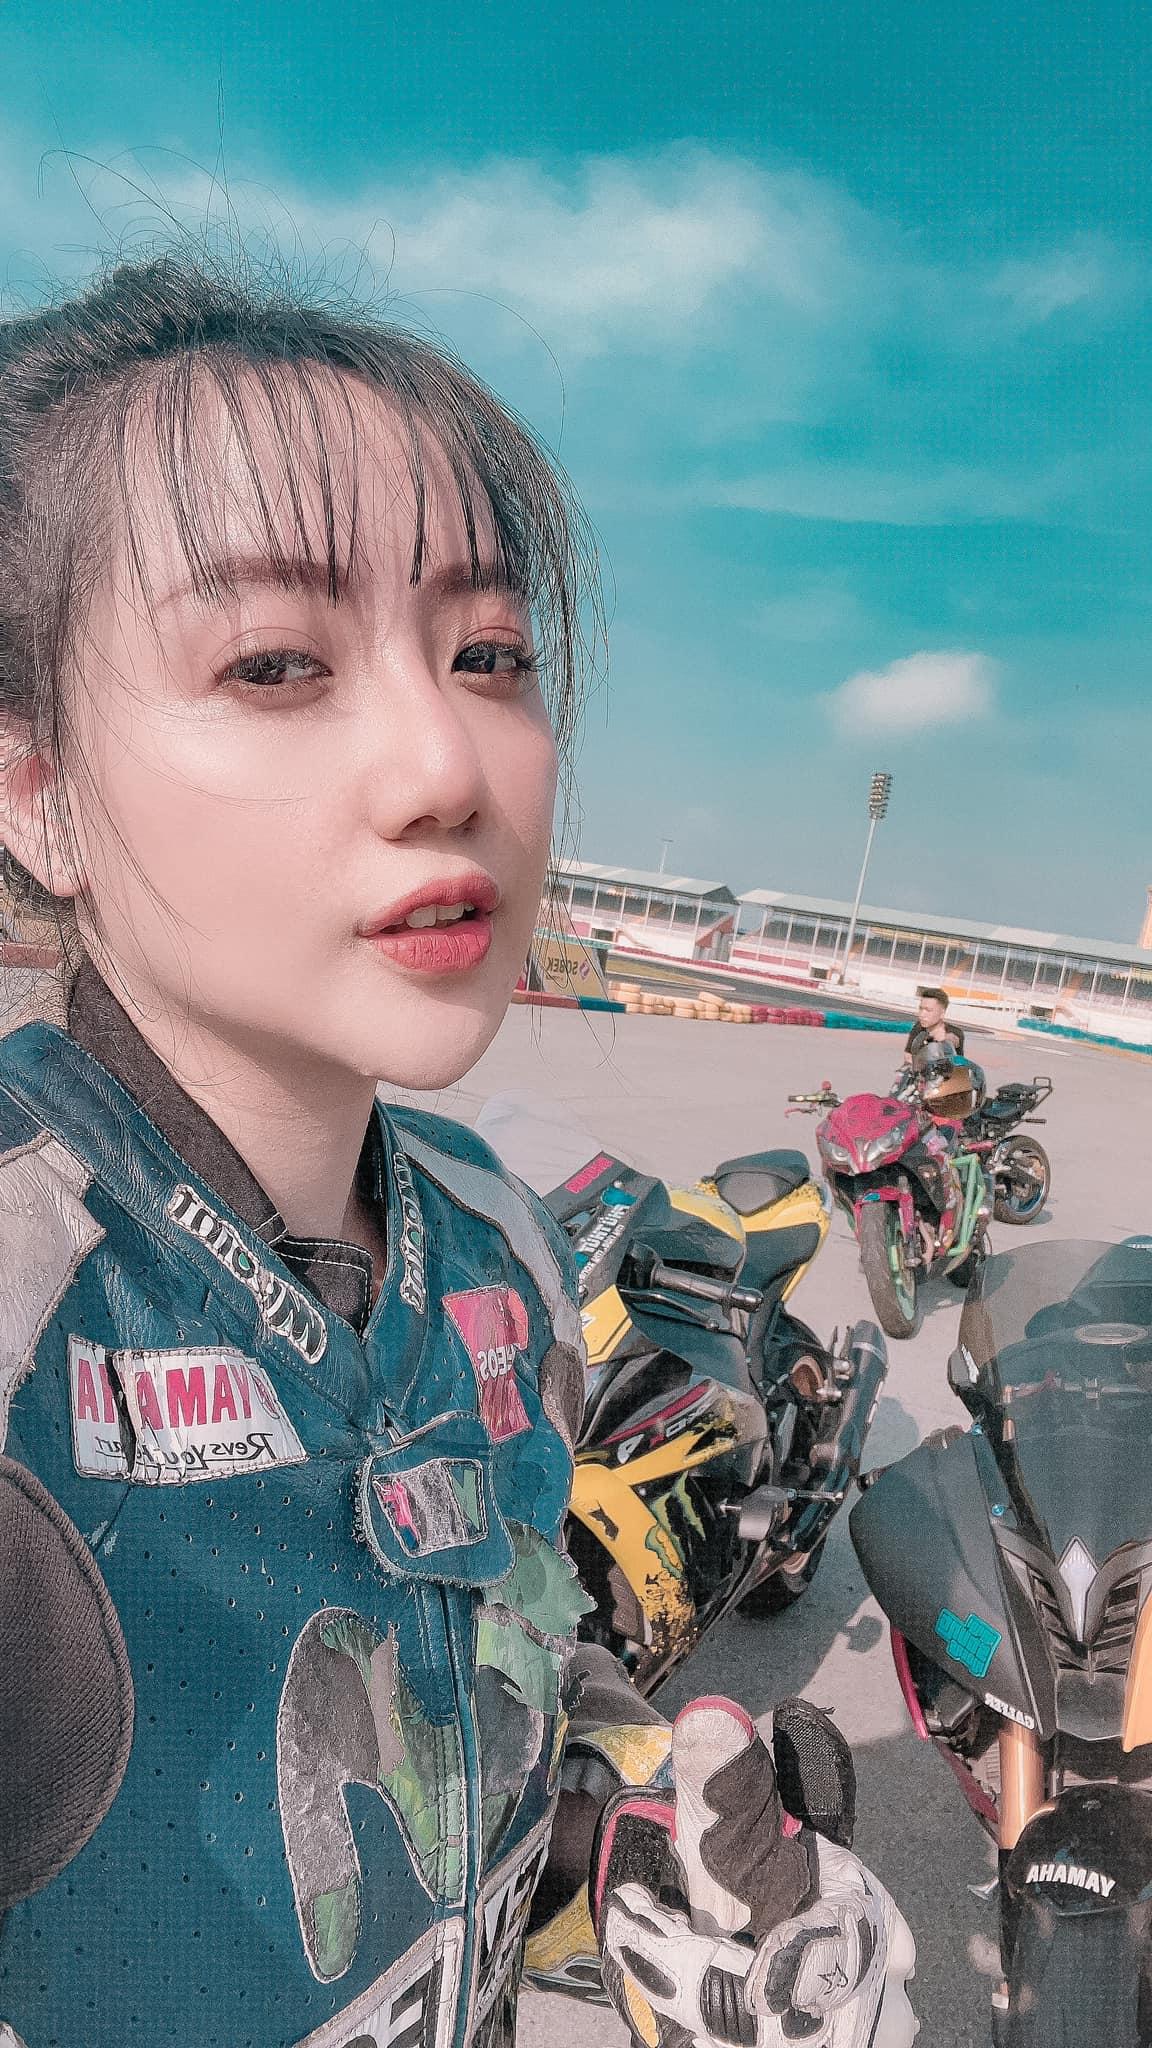 Phạm Đăng Anh Thư nổi tiếng với hit Thiên Đàng cùng rapper Wowy tham gia giải đua Awakening Road 2021 45y56